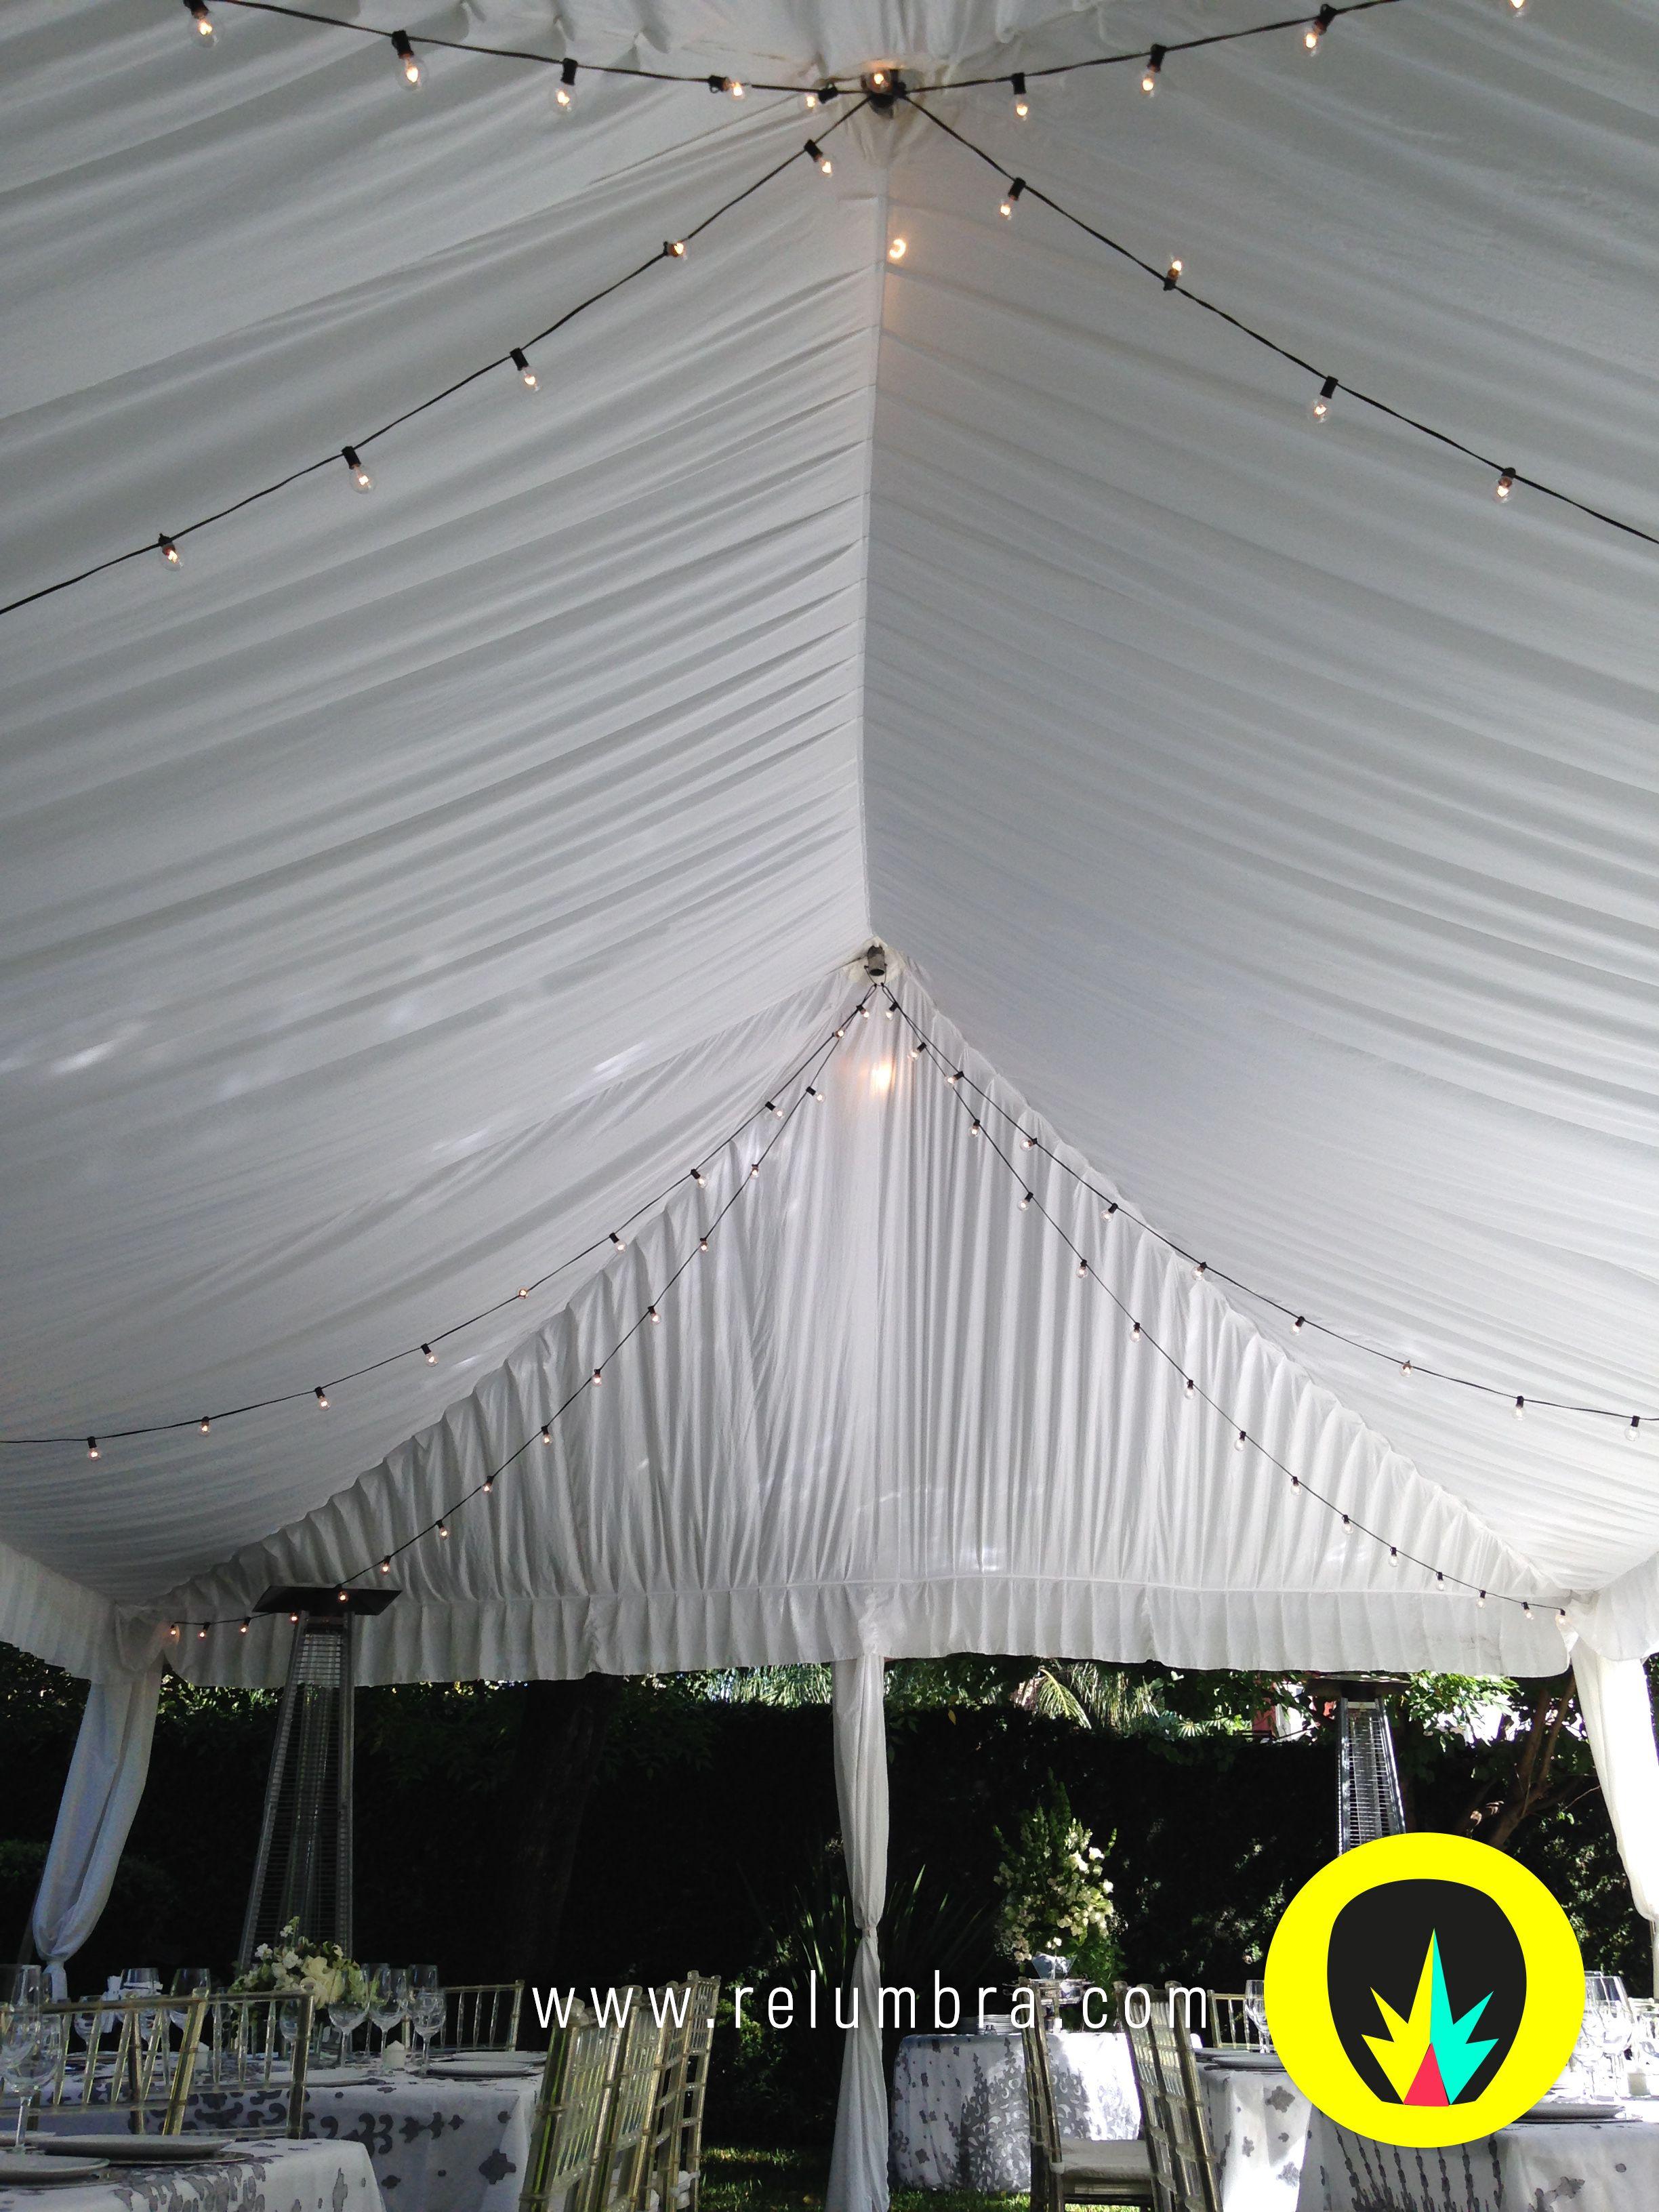 Rieles de luz relumbra para decorar toldos o salones para for Rieles para toldos correderos